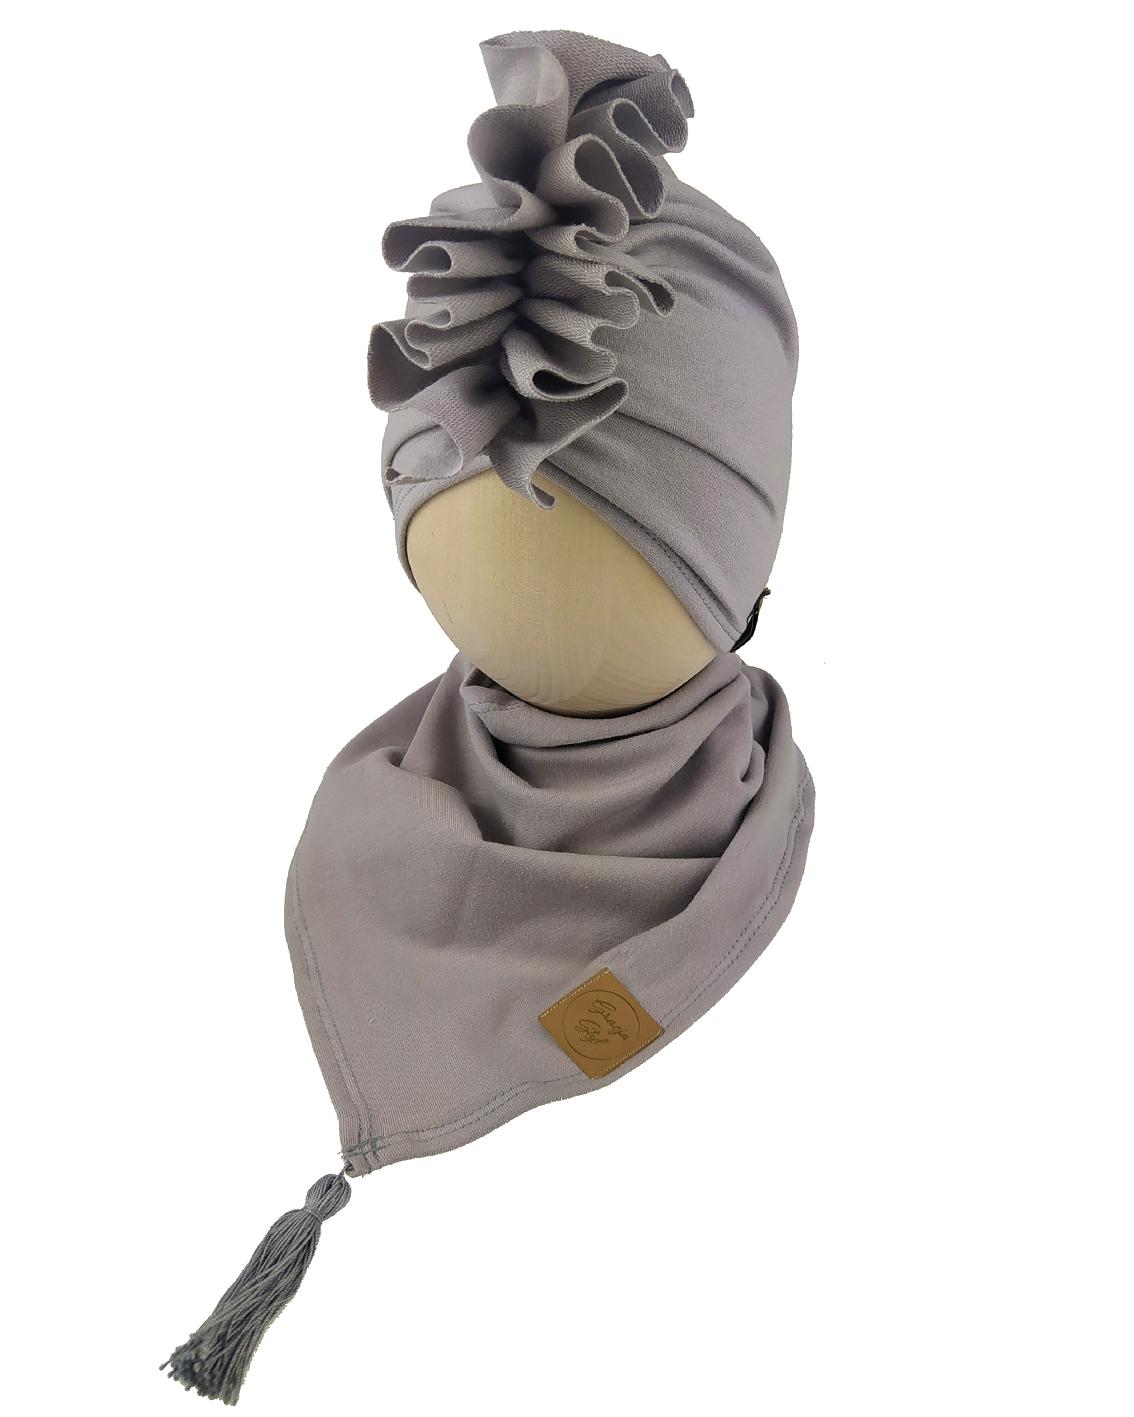 Zestaw czapka turban z chustą. Uszyty z pojedynczej miłej w dotyku dresówki. Marka Gracja Styl. Kolor szary jednolity